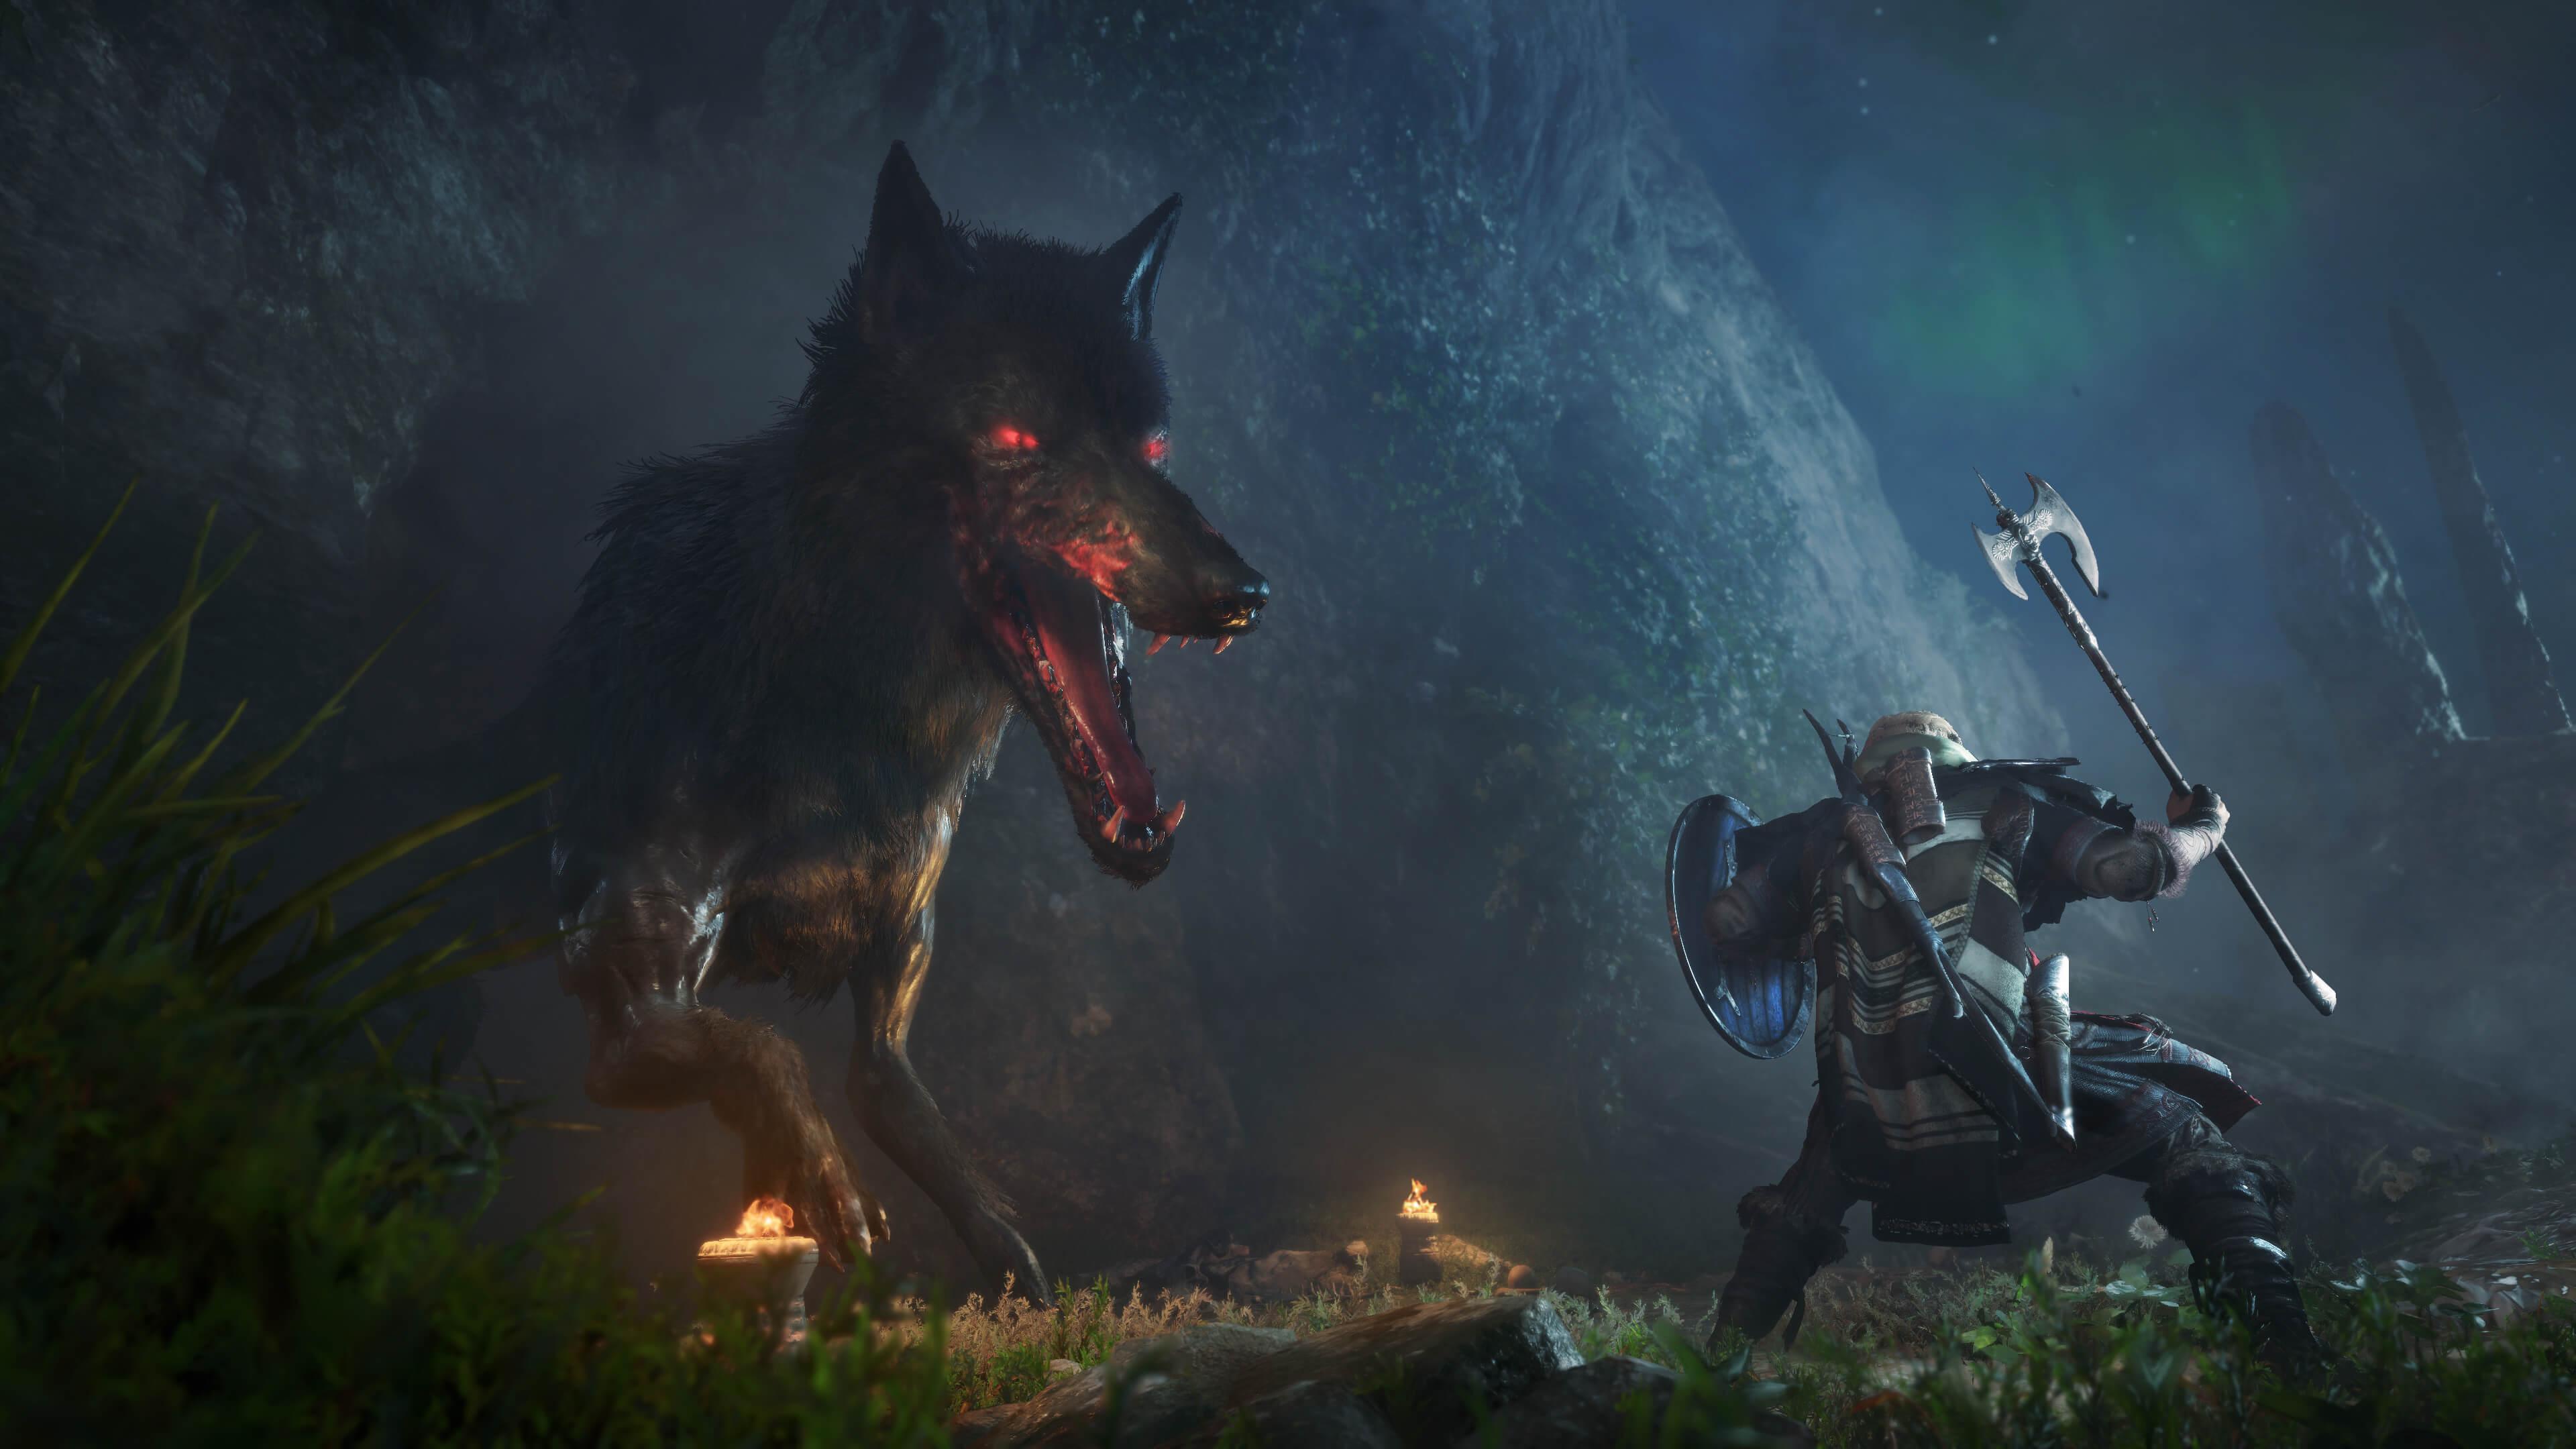 Assassin's Creed Valhalla - Assassin's Creed Valhalla